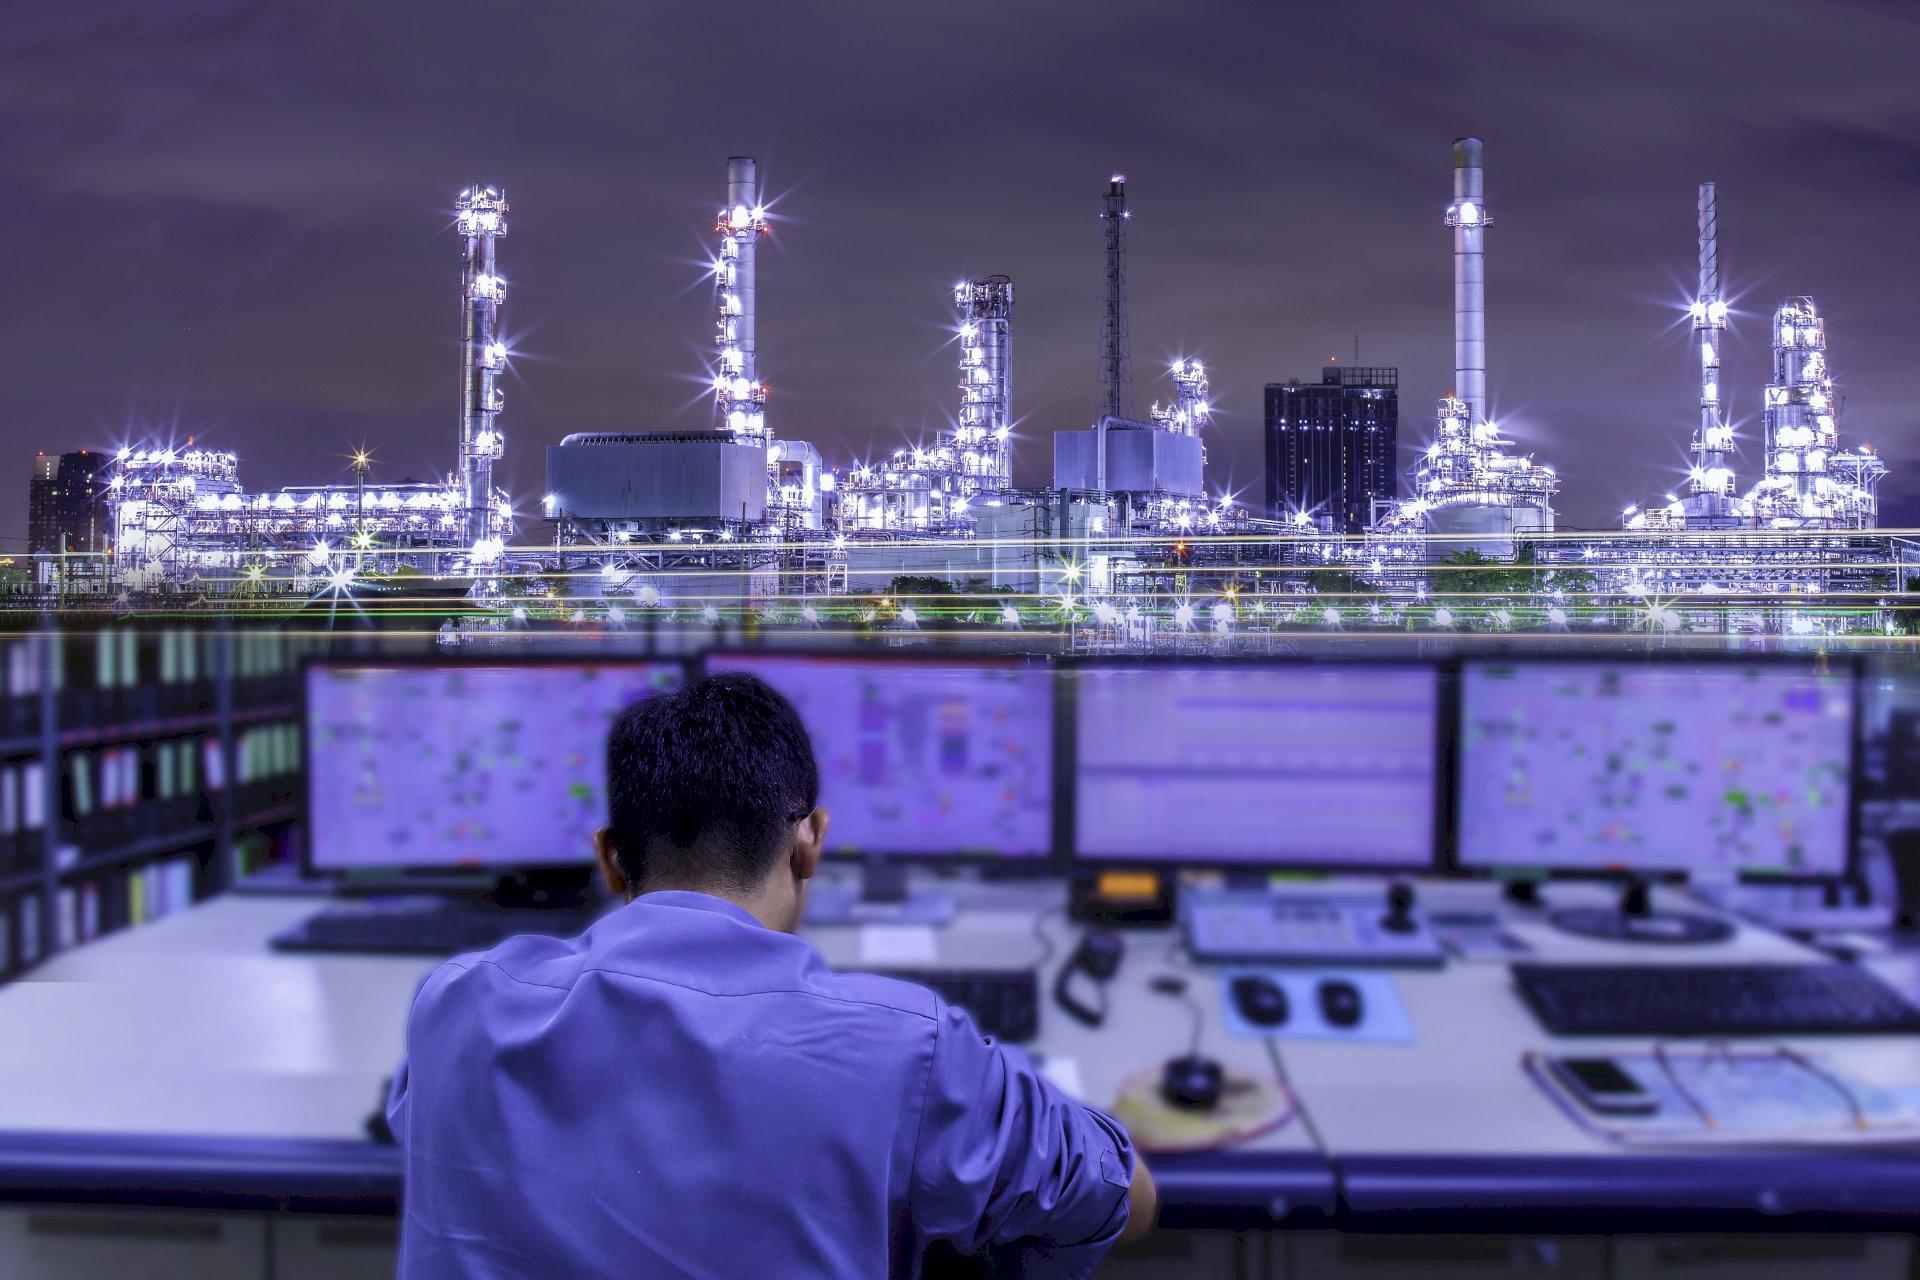 Alles in zicht: hier in de controlekamer komen alle centrale gegevens samen - des te belangrijker is dat de gebruikte kabels en draden de signalen betrouwbaar en foutloos overbrengen, zelfs over grote afstanden.